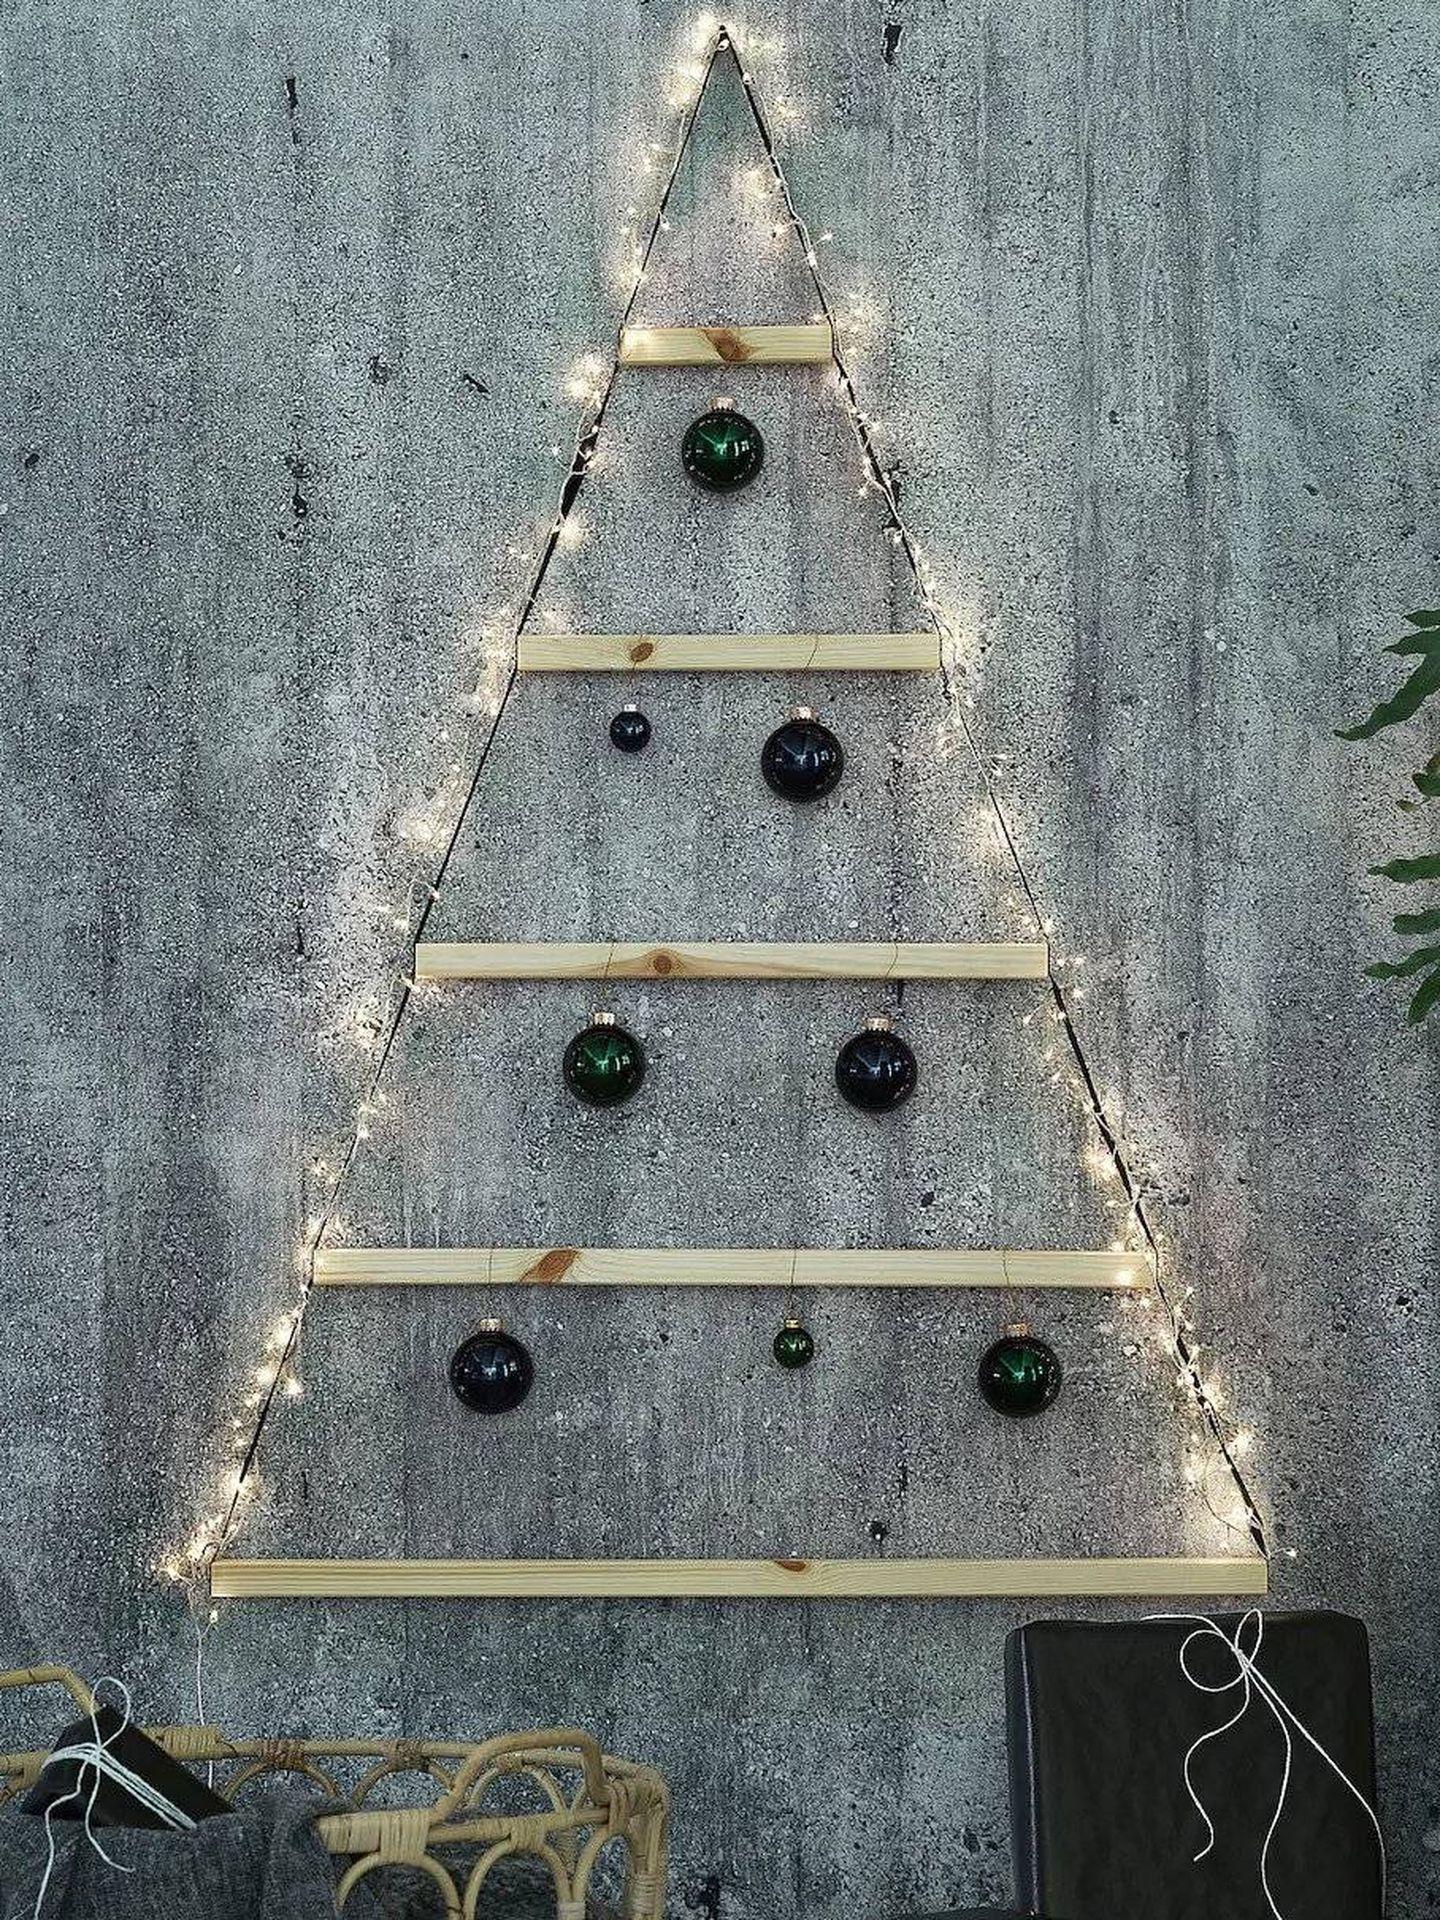 Arbolito de Navidad de Ikea. (Cortesía)